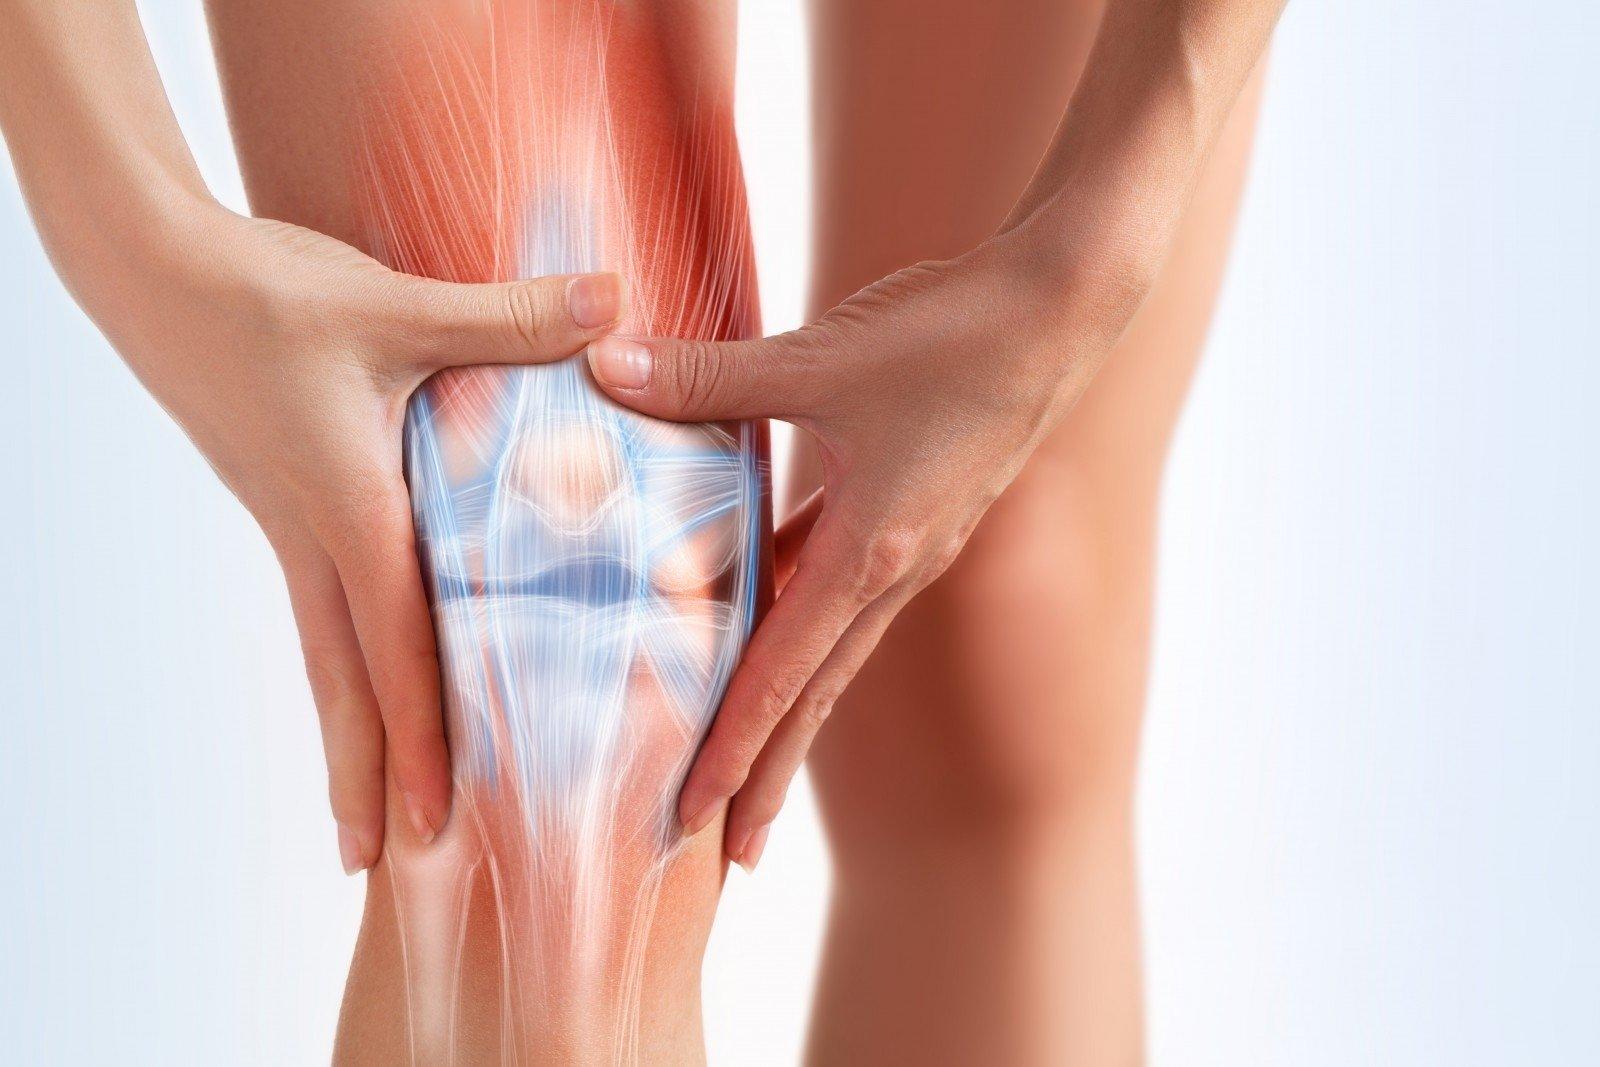 sustaines gydymas reuters sąnarių skausmas praeina per akimirką